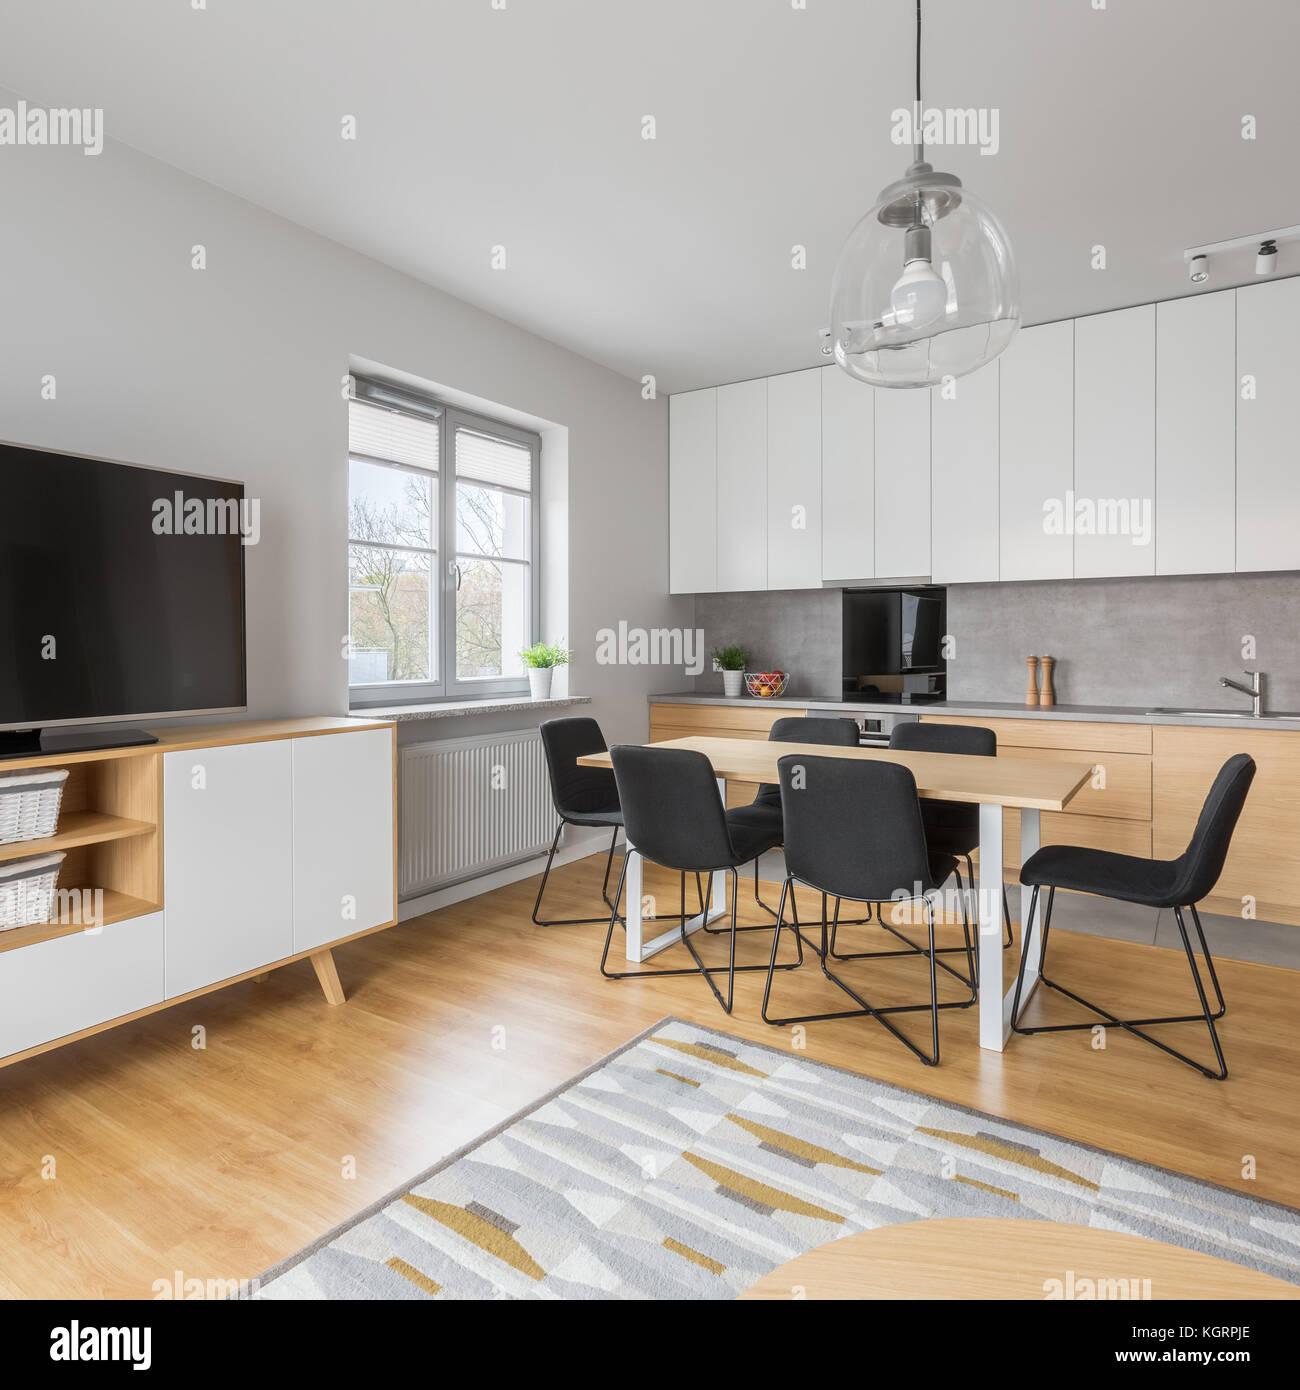 El interior del apartamento con cocina comedor y sala de for Sala de estar estancia cocina abierta